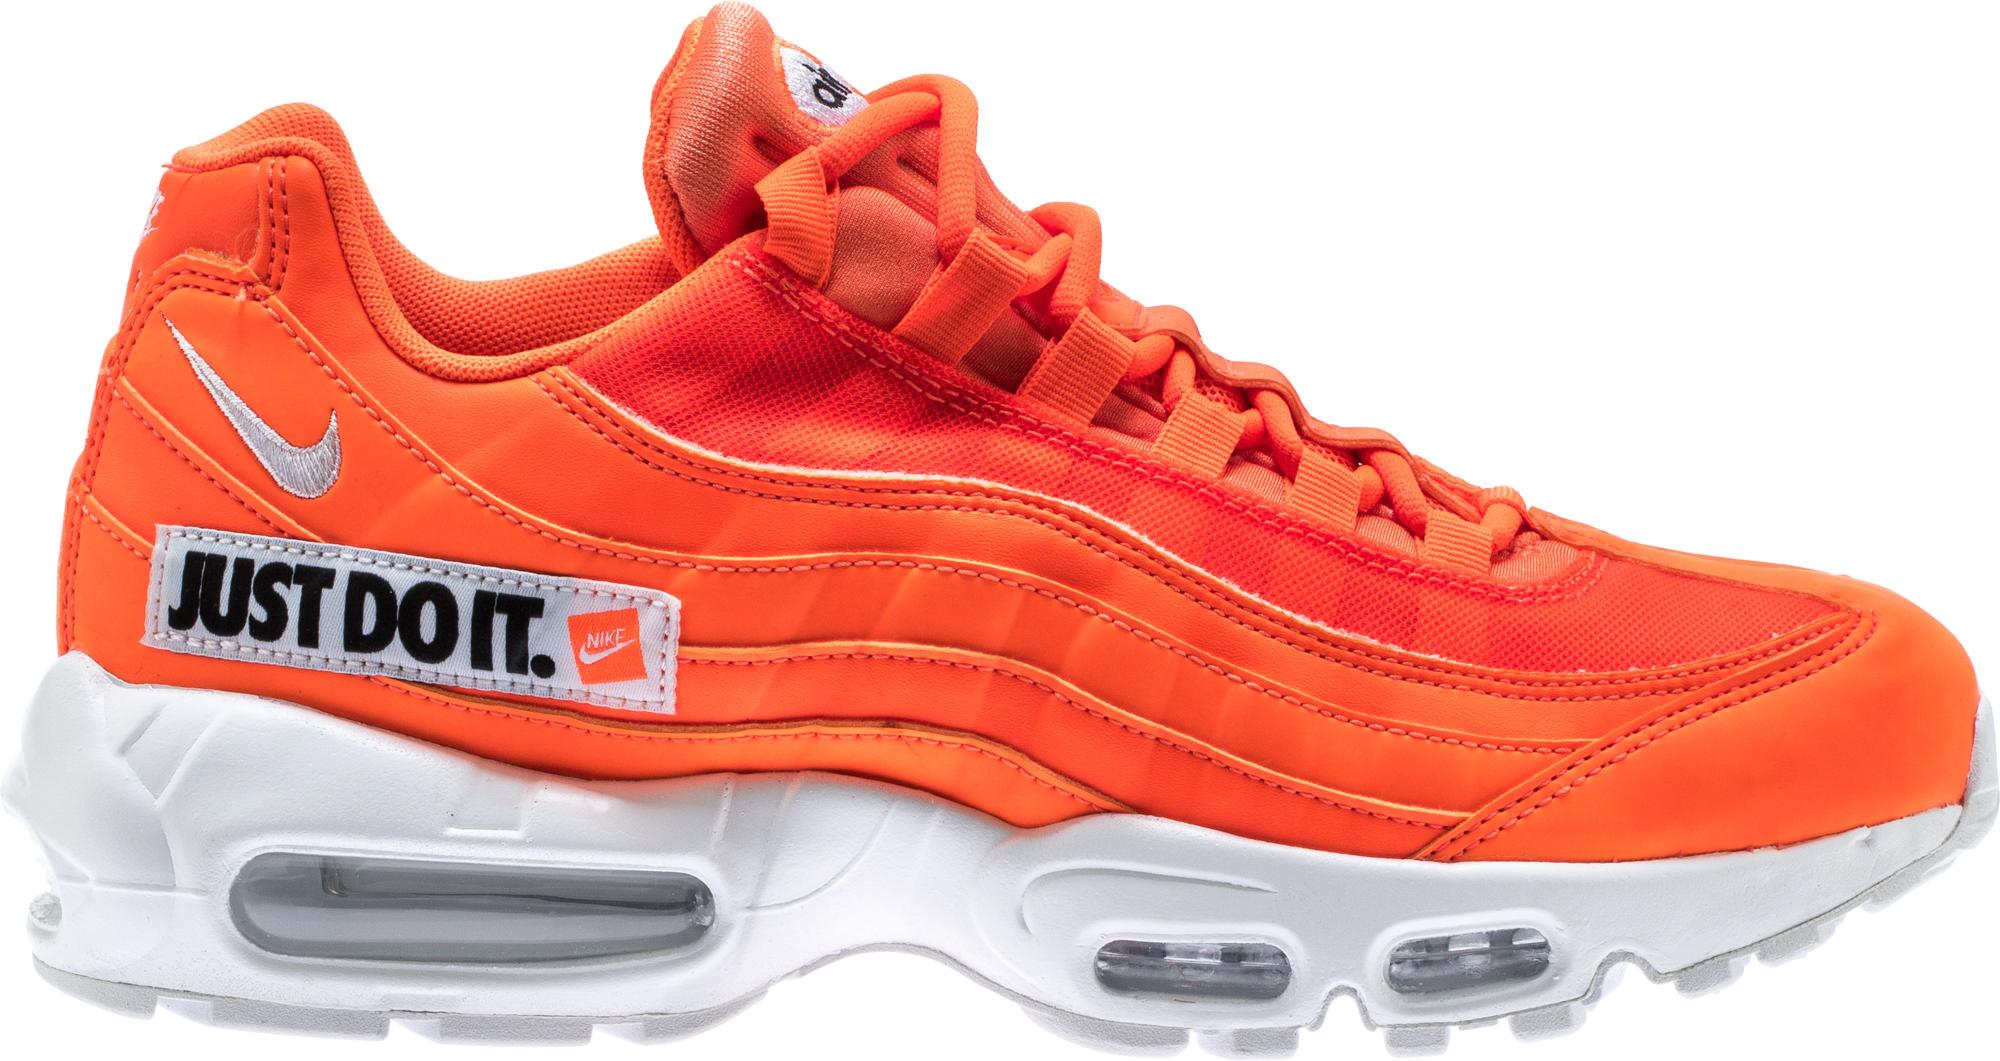 Air Max 95 Just Do It Pack Orange